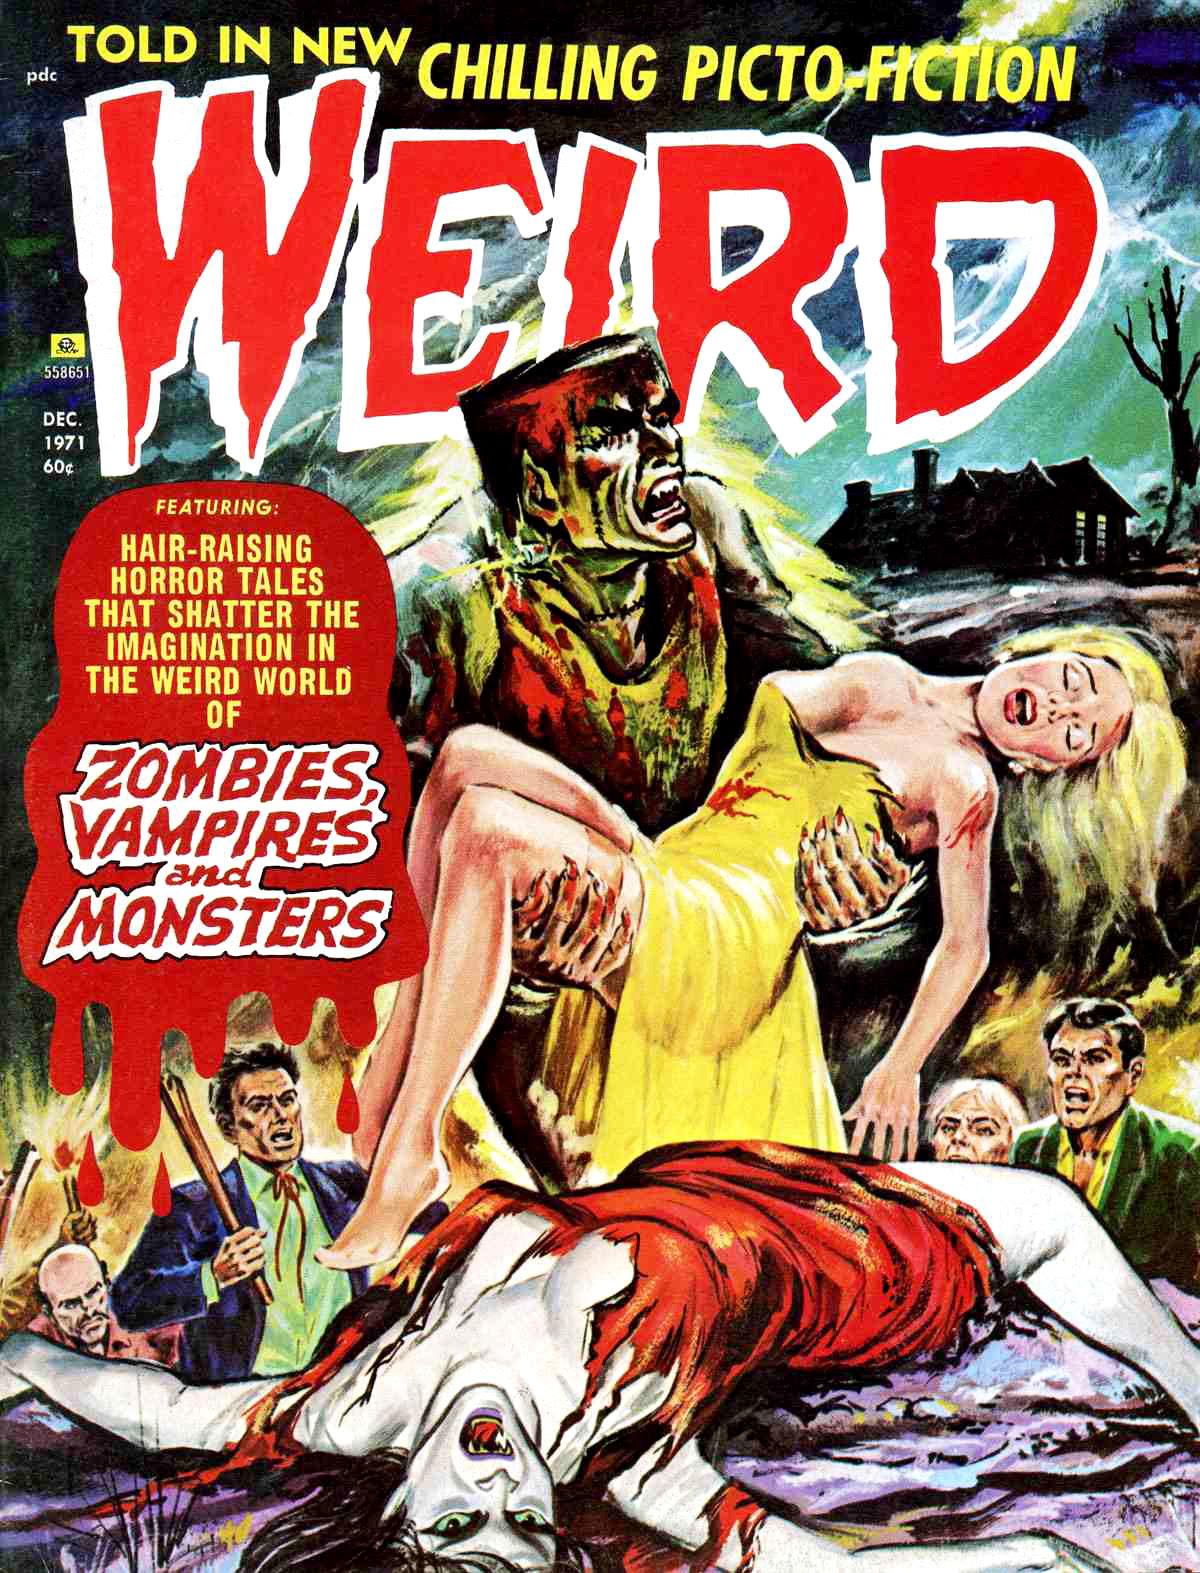 Weird Vol. 05 #6 (Eerie Publications, 1971)